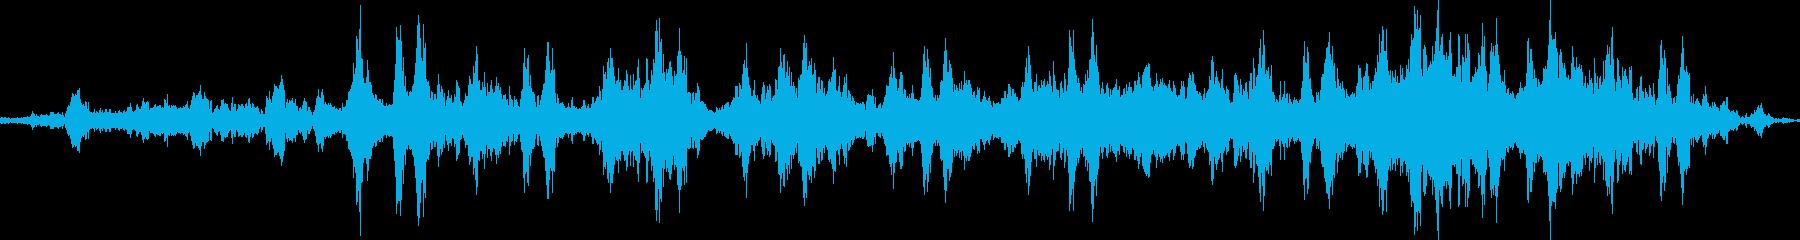 クジラの歌のプロトタイプの再生済みの波形